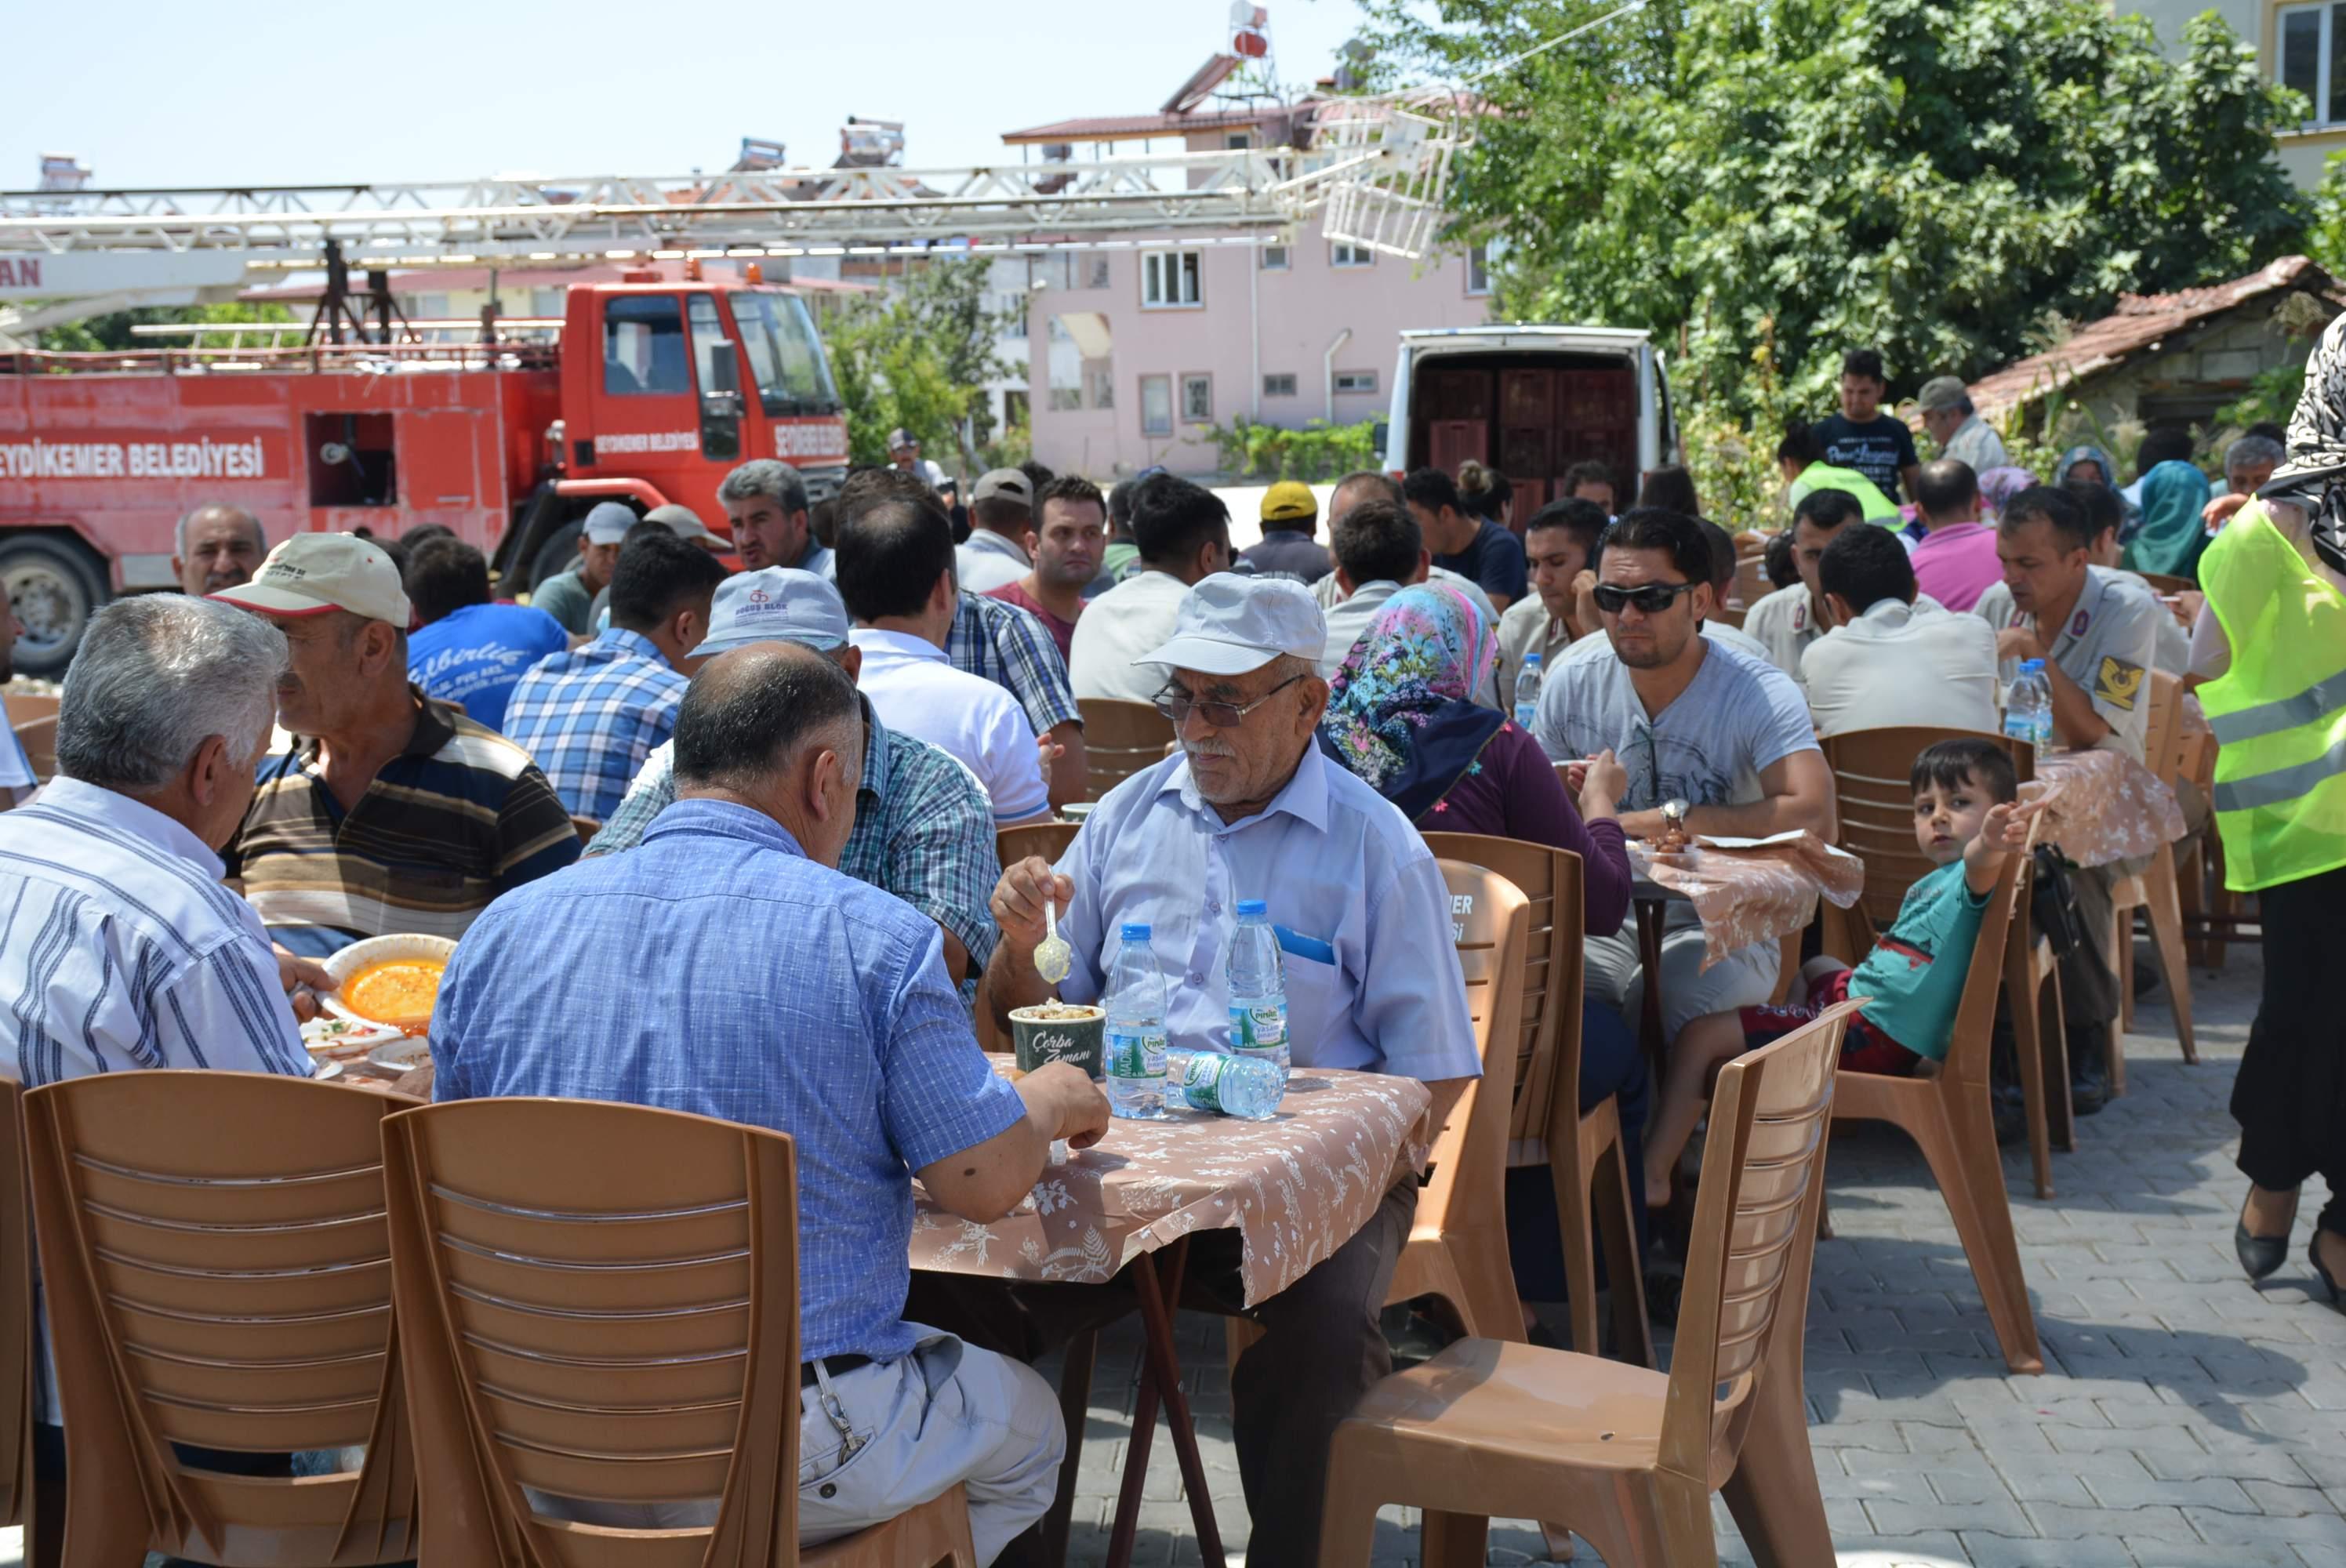 Şehit Uzman Çavuş Alper SEVEN için 52 yemeği düzenlendi.